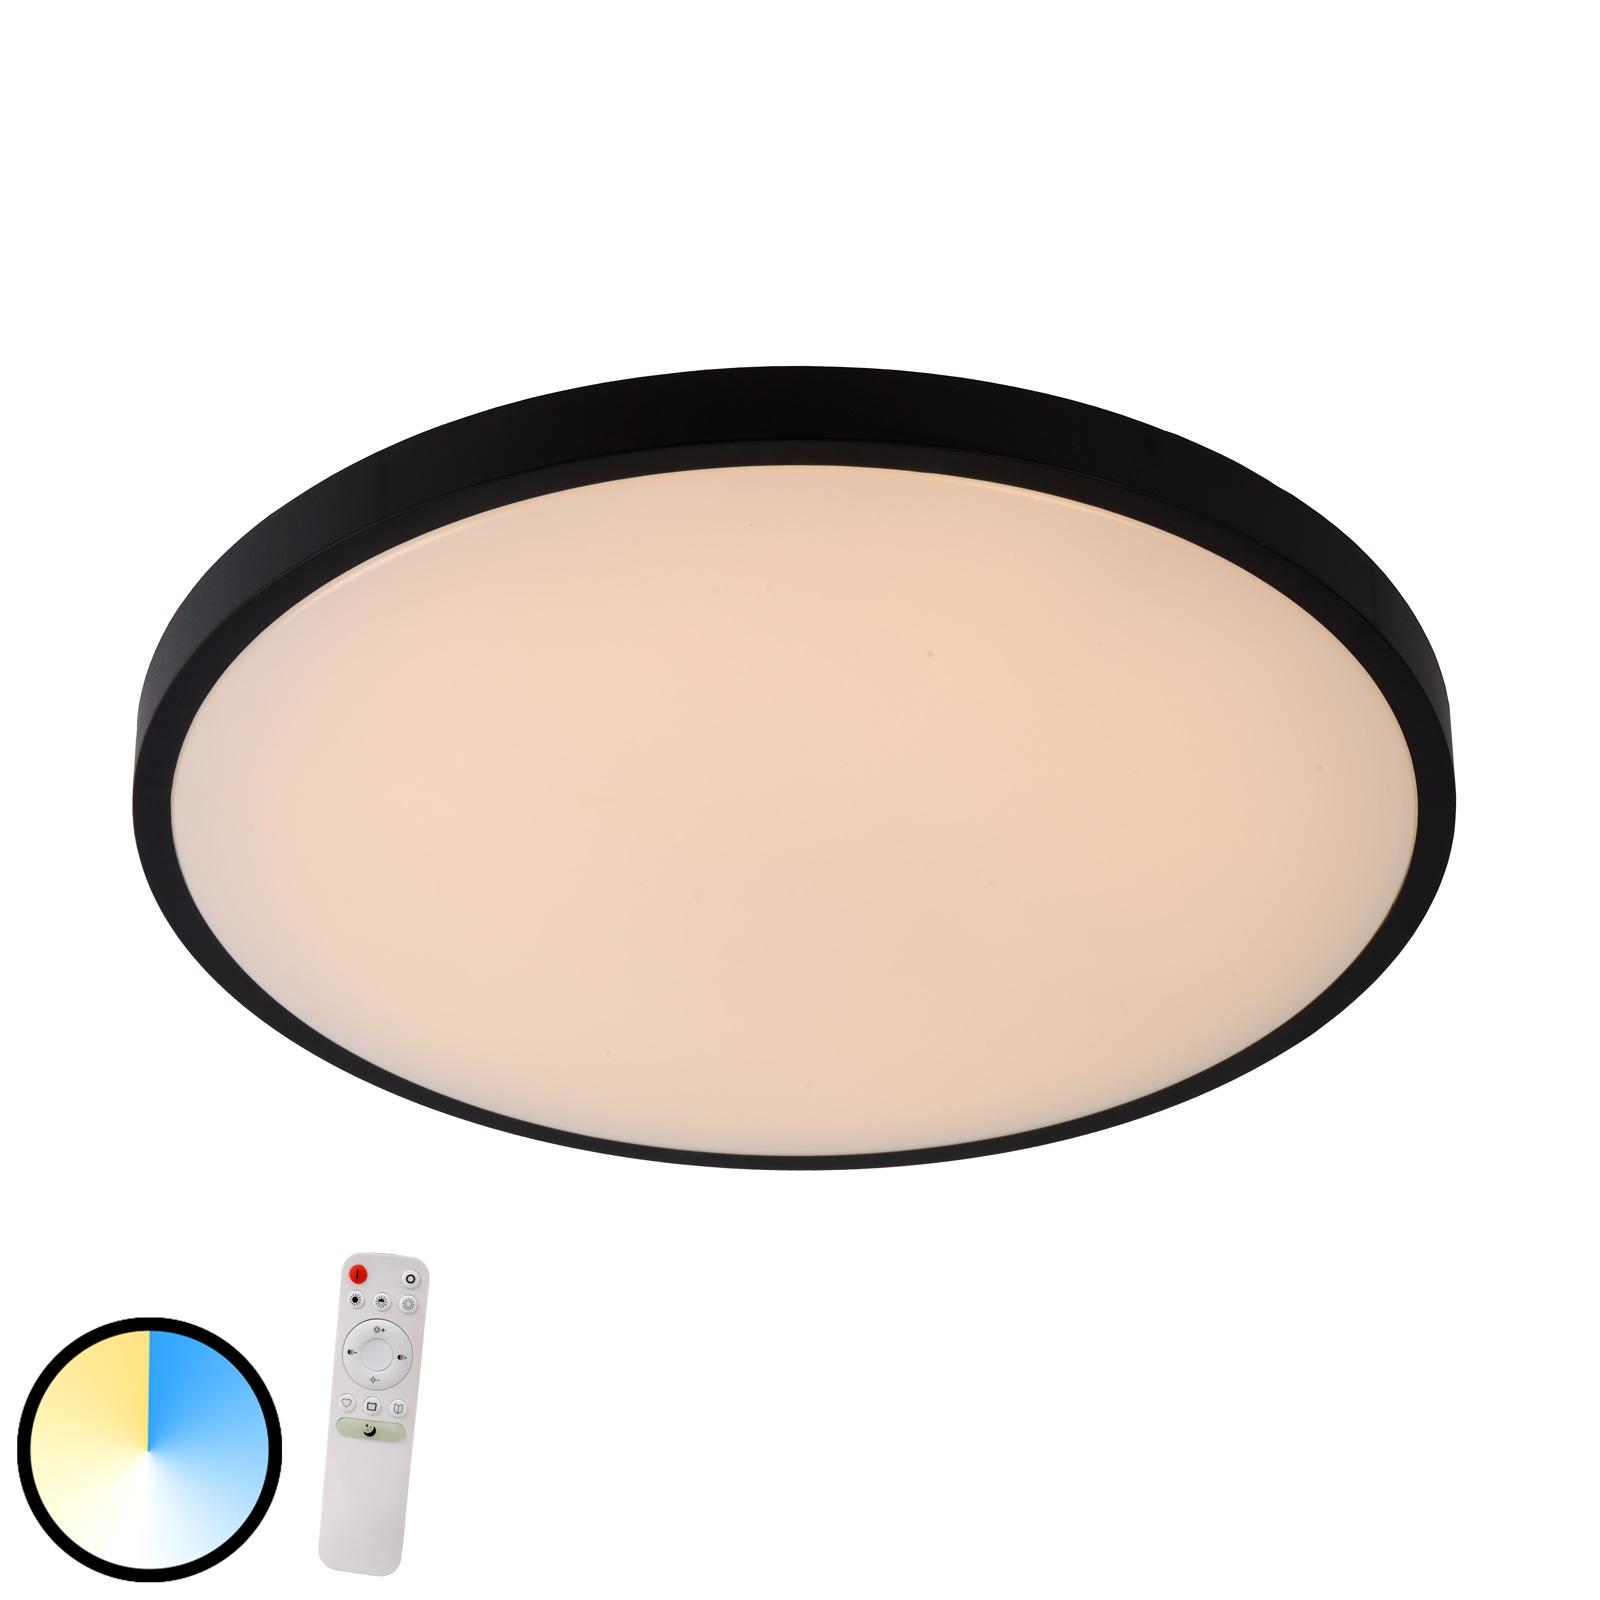 LED-Deckenleuchte Polaris dim to warm Ø 45,7 cm